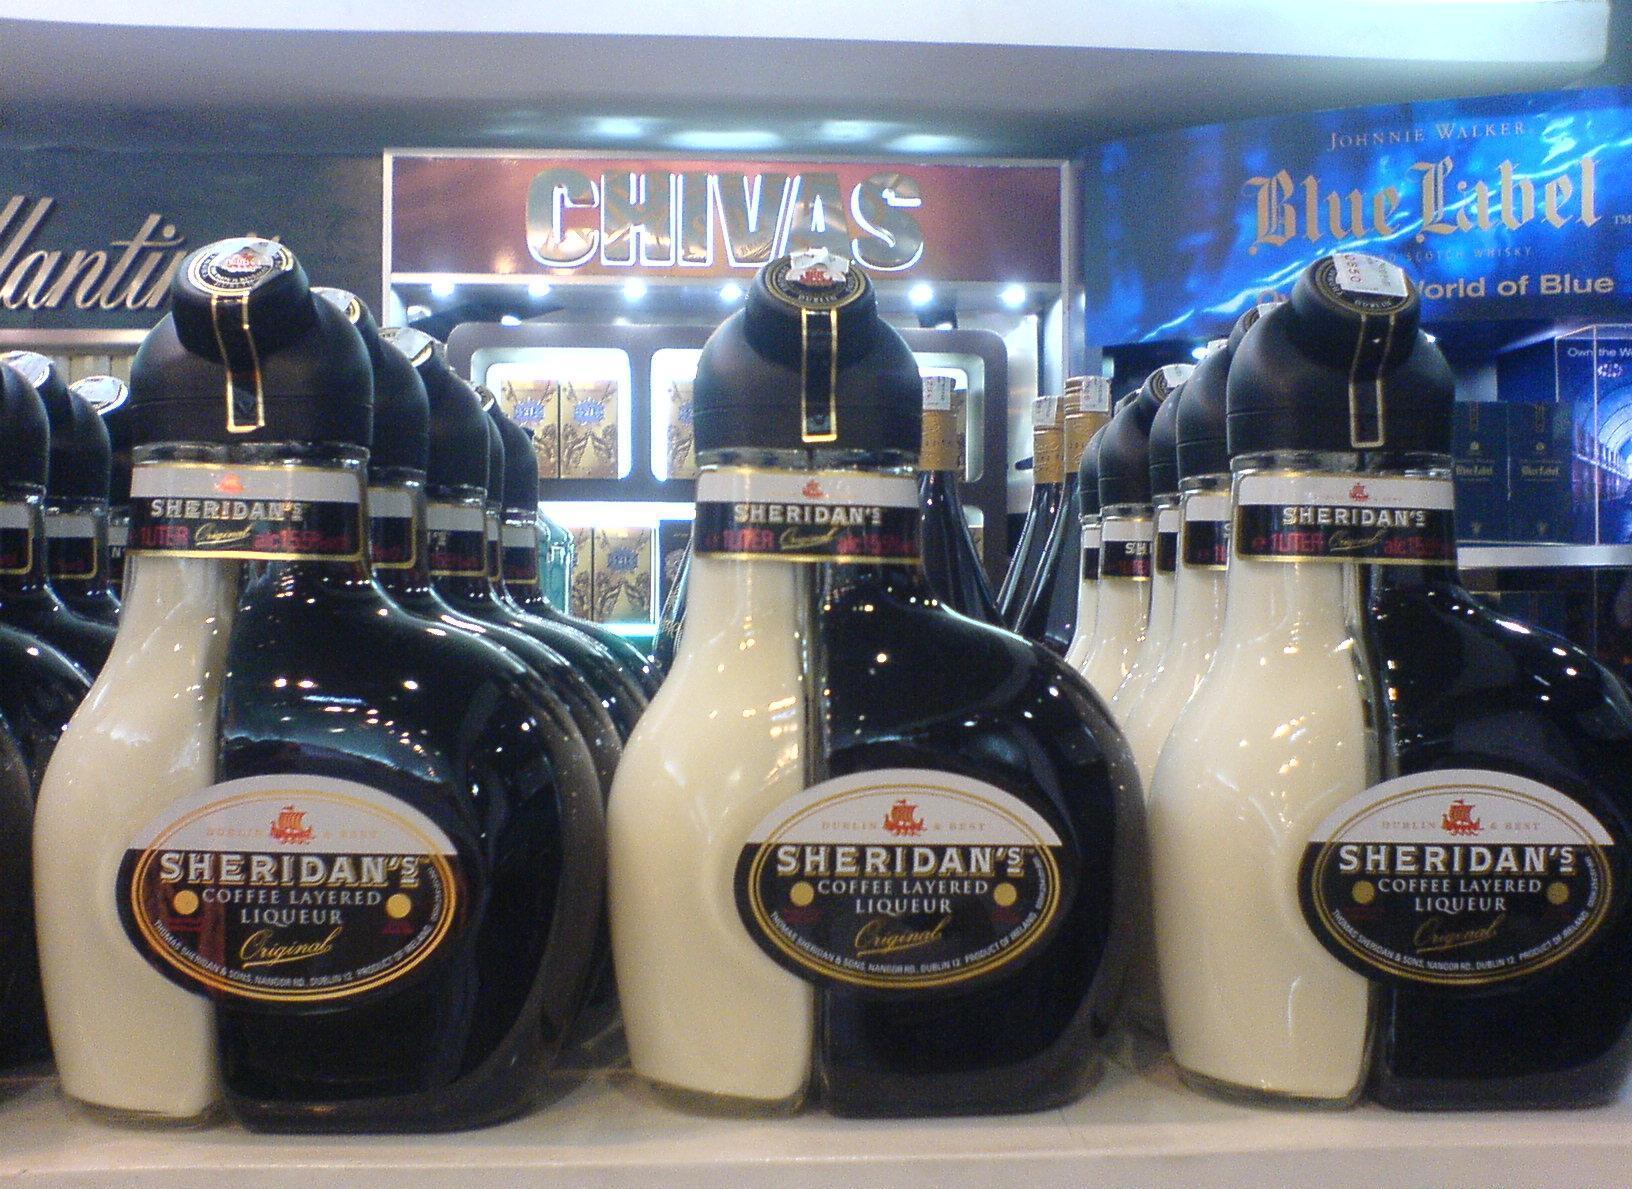 1 Gallon Hennessy Bottle